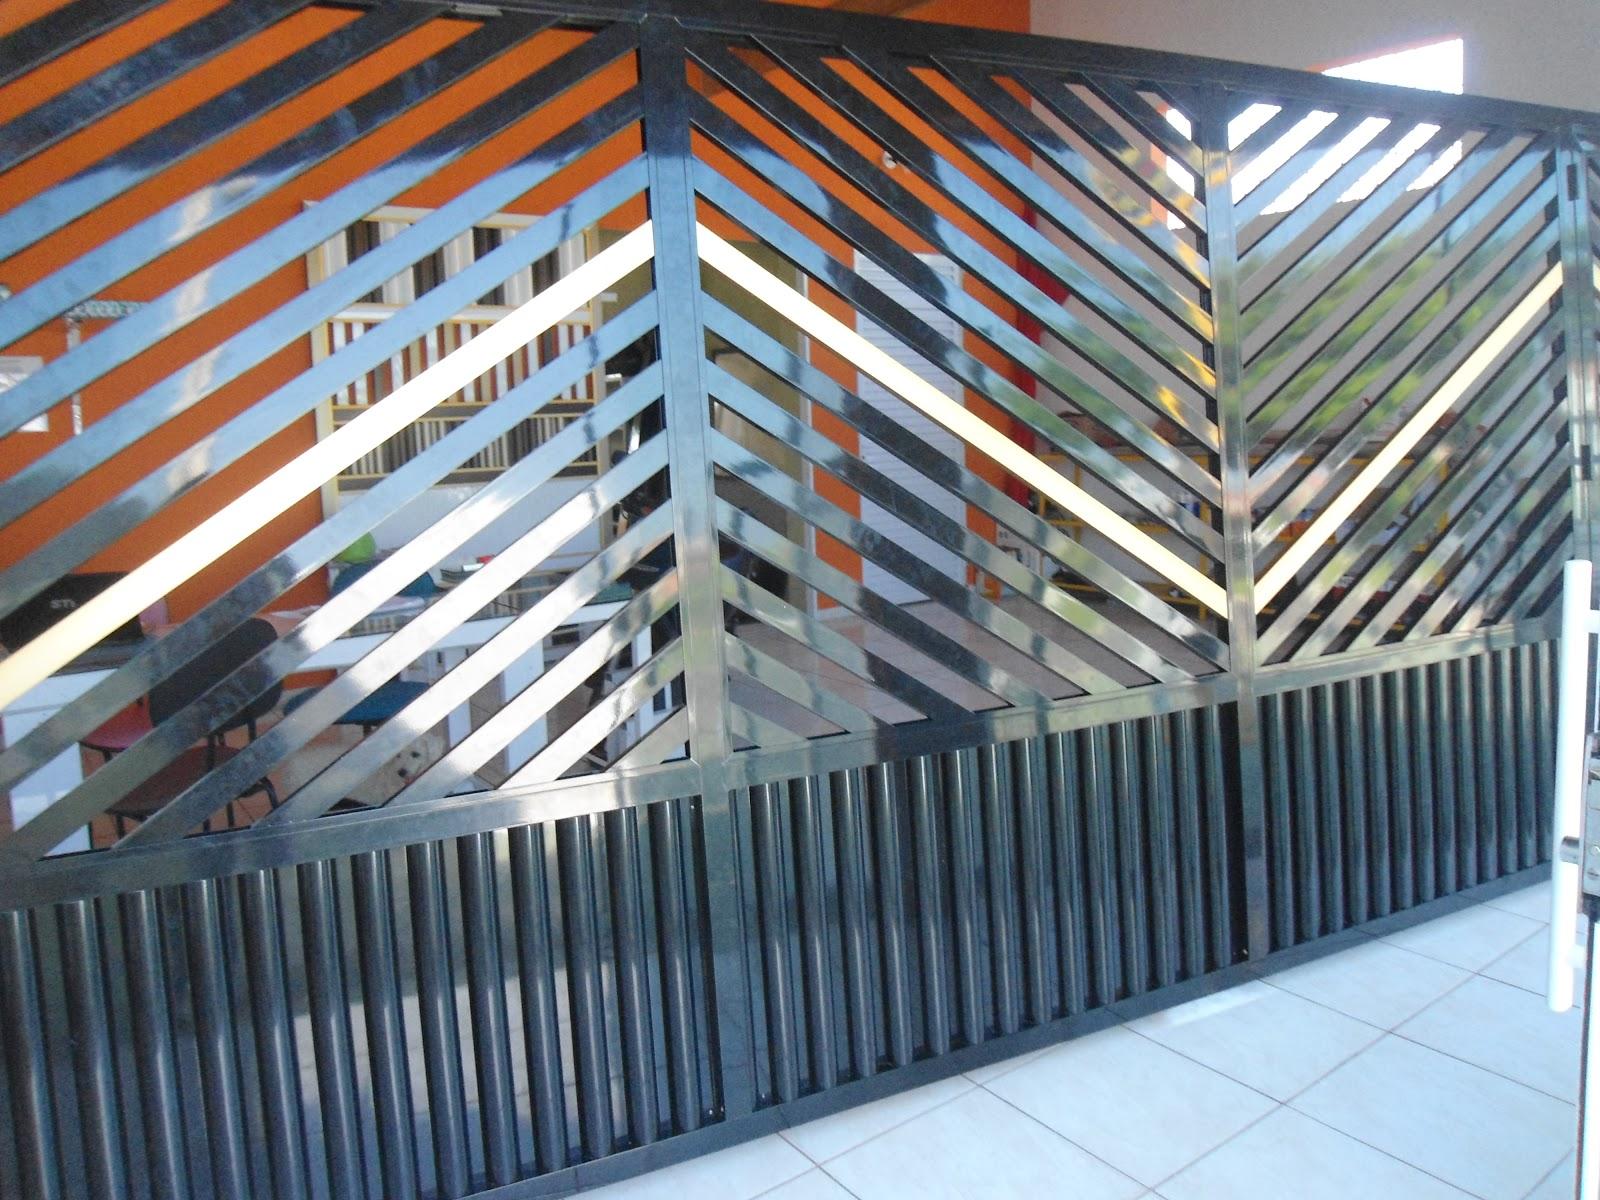 #A85523 quinta feira 15 de março de 2012 1400 Qual é Melhor Janela De Aço Ou Aluminio